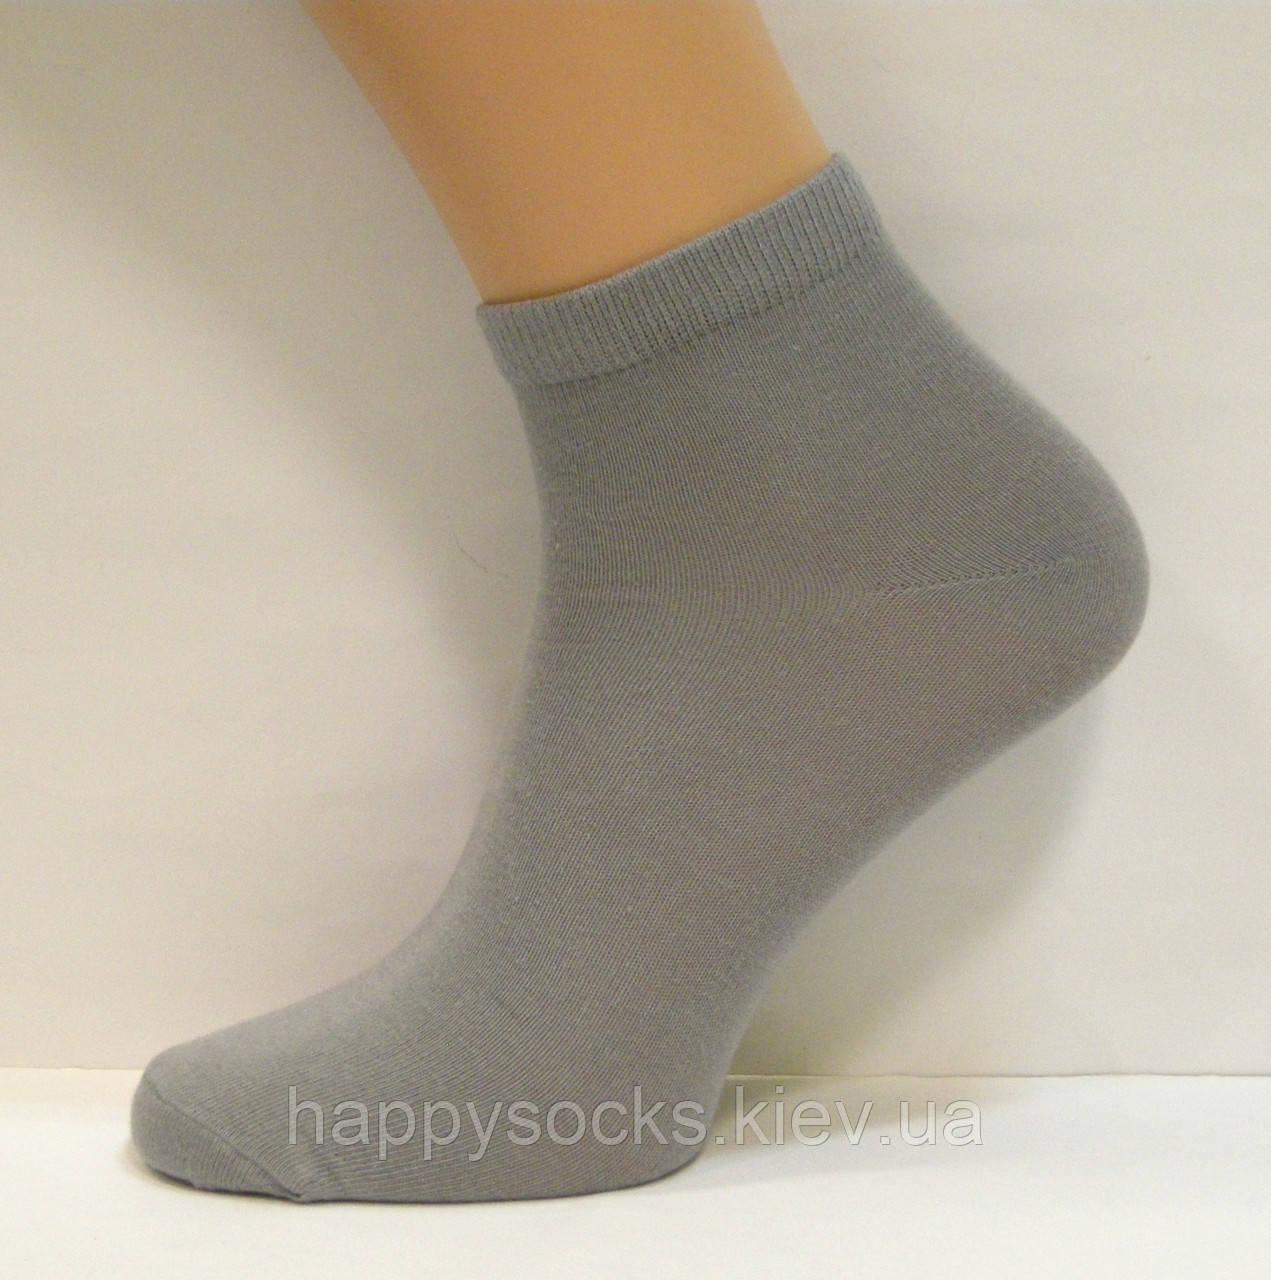 Мужские носки укороченные серого цвета